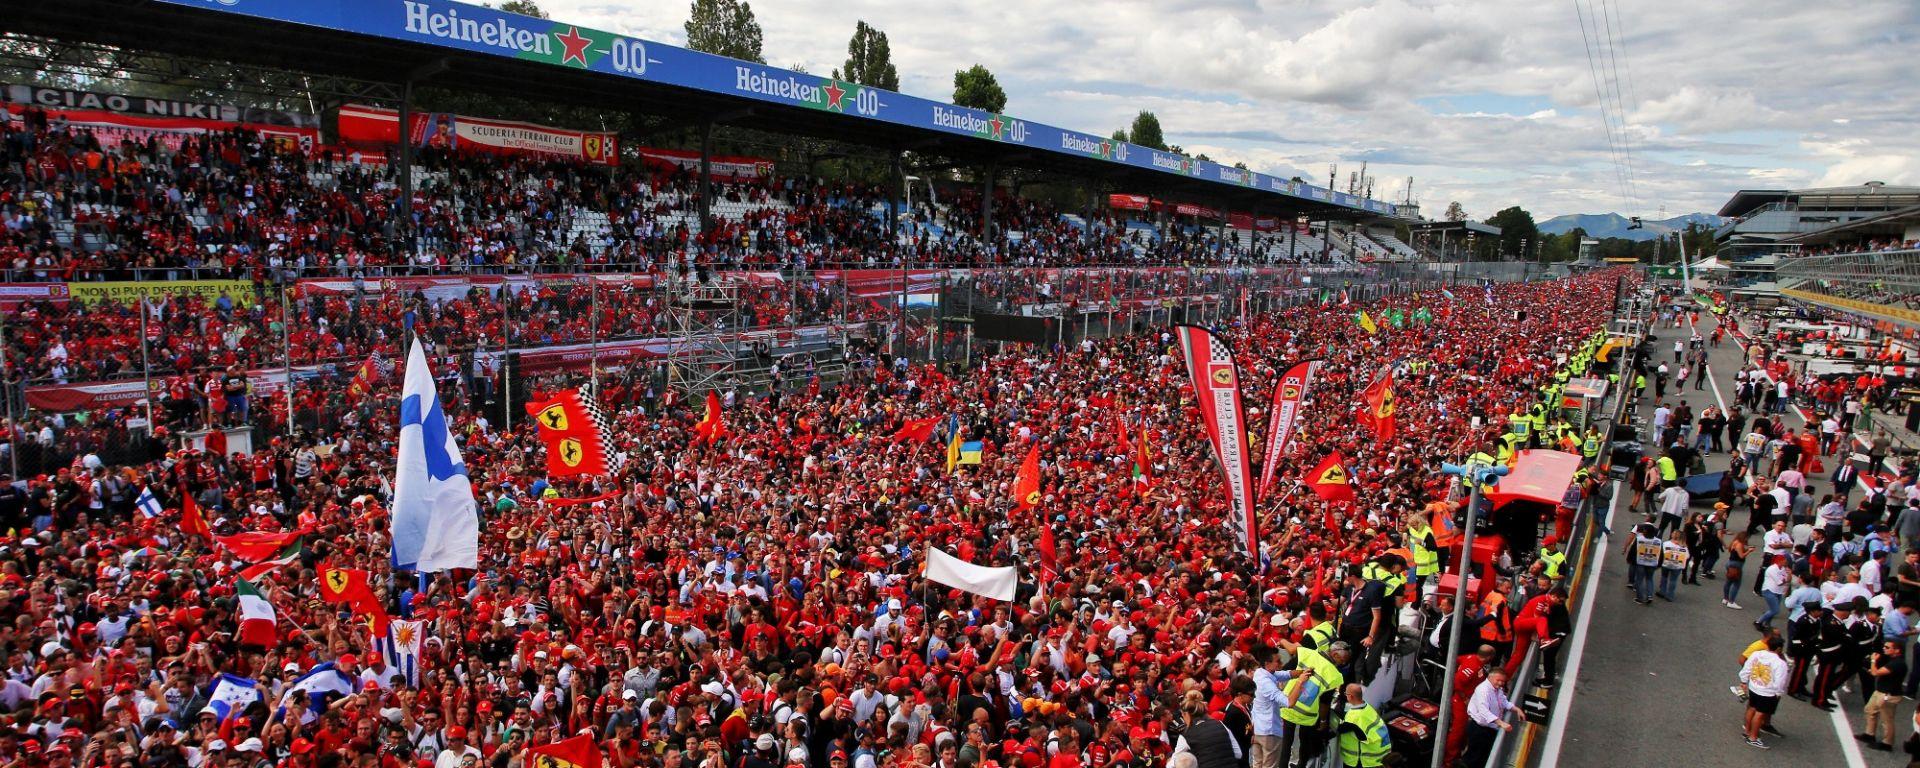 Monza, GP d'Italia 2019, la folla festeggia la vittoria di Charles Leclerc (Ferrari)